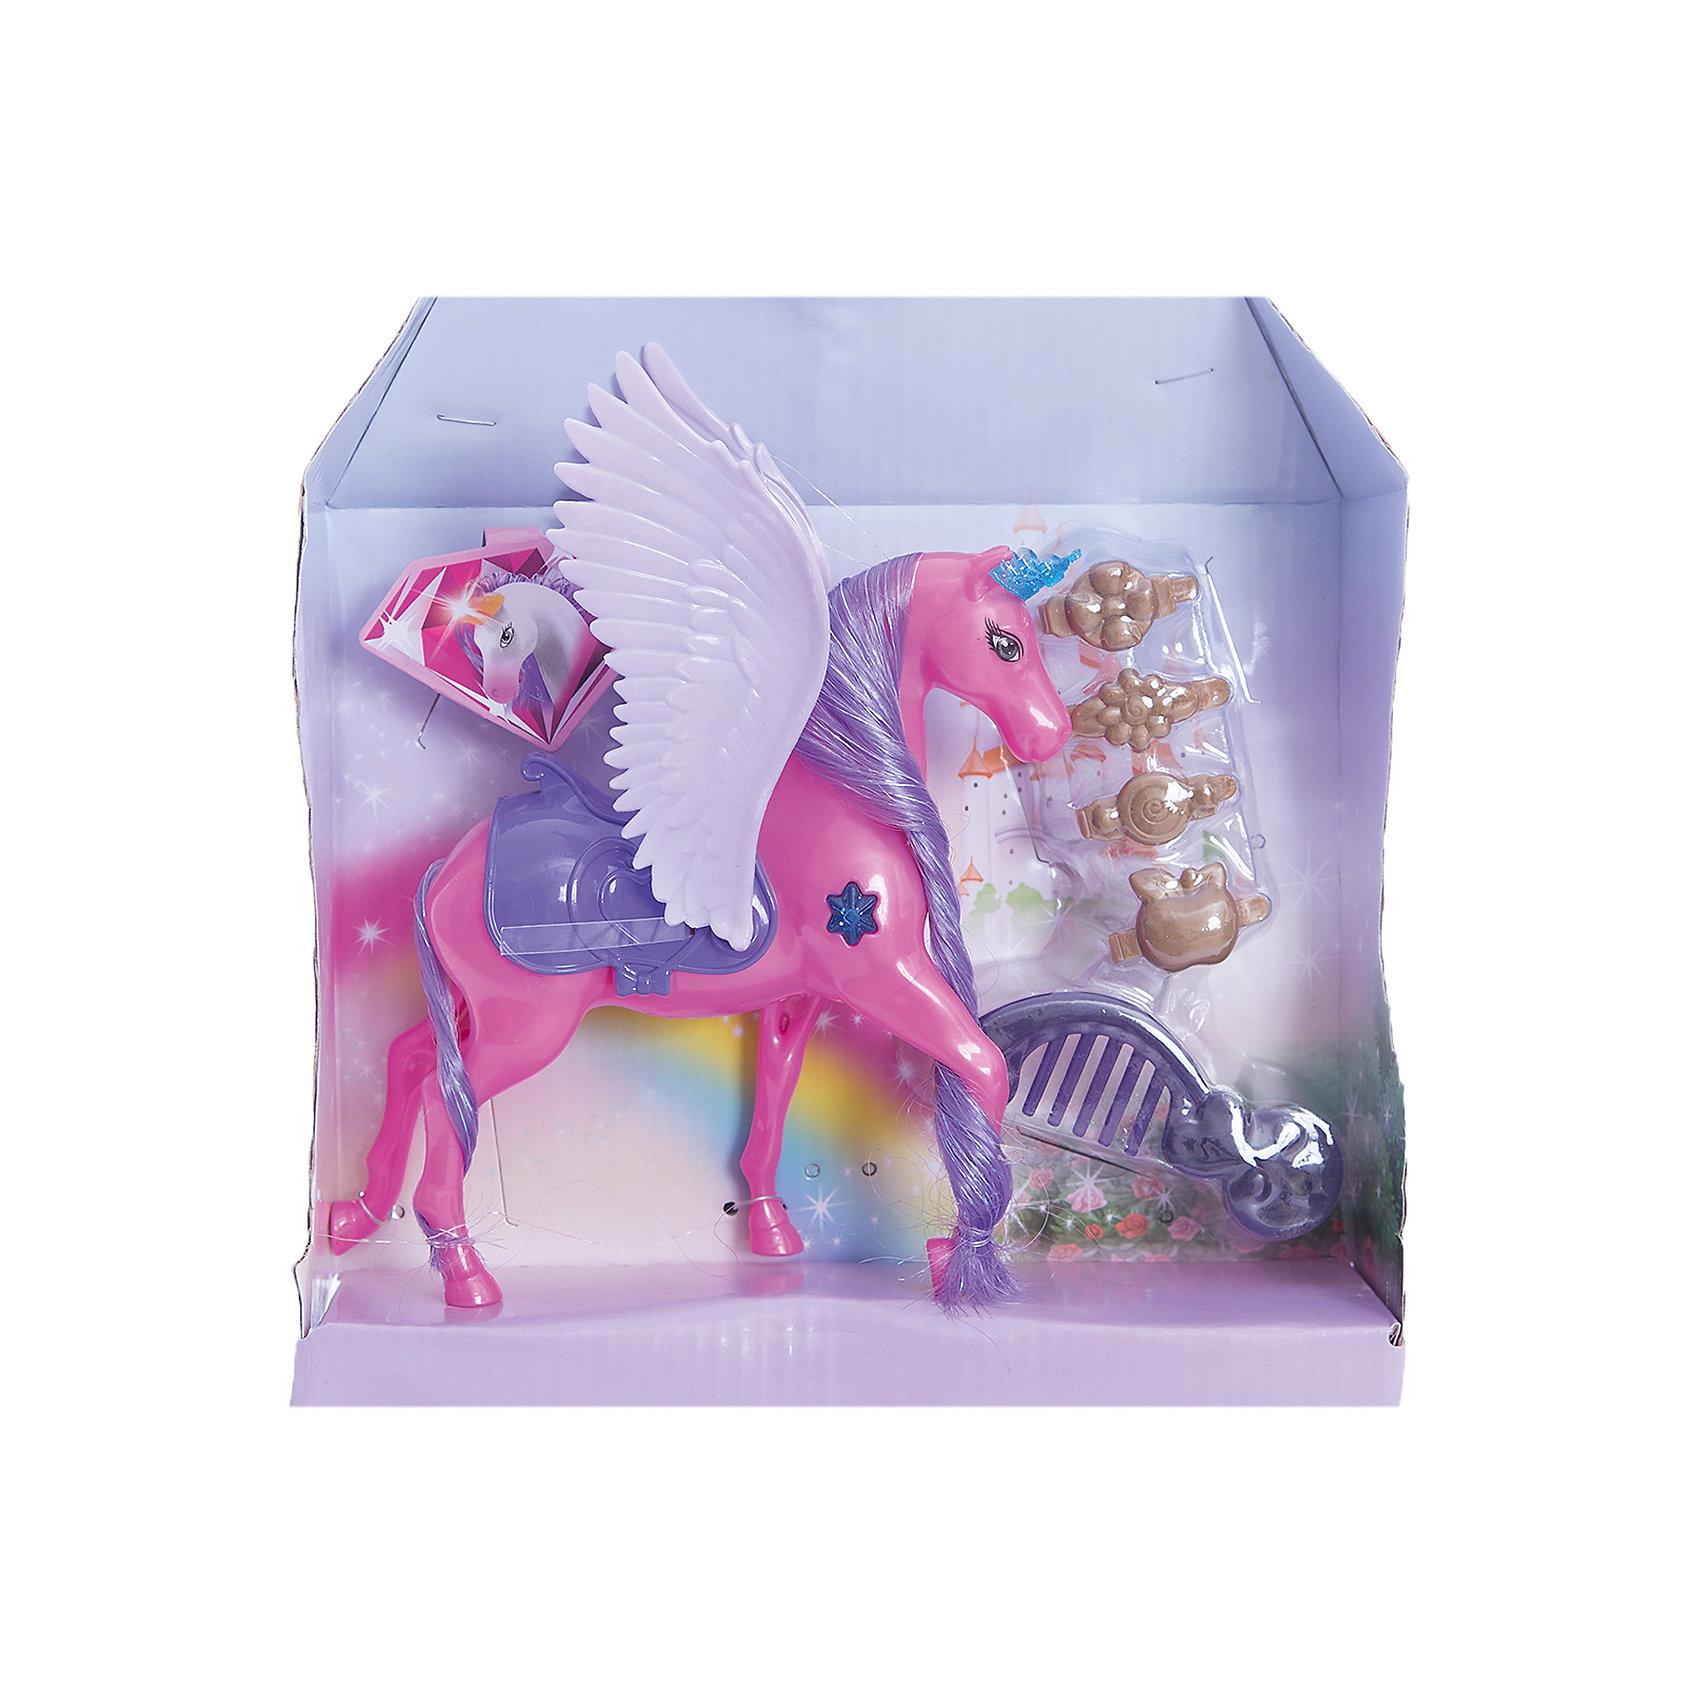 Набор  Страна волшебных друзей: лошадка с крыльями, EstaBellaМир животных<br>Набор Страна волшебных друзей: лошадка с крыльями, EstaBella (Эстабелла).<br><br>Характеристики:<br><br>• яркий дизайн<br>• выполнена из нетоксичных материалов<br>• в комплекте: лошадка, аксессуары<br>• материал: пластик, текстиль<br>• размер упаковки: 22х6х25 см<br>• вес: 170 грамм<br><br>Лошадка EstaBella подарит девочке море положительных эмоций. Яркую лошадка имеет огромные крылья и длинную гриву, которую можно расчесывать. Кроме того, лошадка имеет уютное седло, в котором можно прокатить любимую куклу. Эта лошадка откроет двери в сказочный мир волшебства и фантазии!<br><br>Набор Страна волшебных друзей: лошадка с крыльями, EstaBella (Эстабелла) вы можете купить в нашем интернет-магазине.<br><br>Ширина мм: 250<br>Глубина мм: 60<br>Высота мм: 220<br>Вес г: 170<br>Возраст от месяцев: 36<br>Возраст до месяцев: 120<br>Пол: Женский<br>Возраст: Детский<br>SKU: 5017686